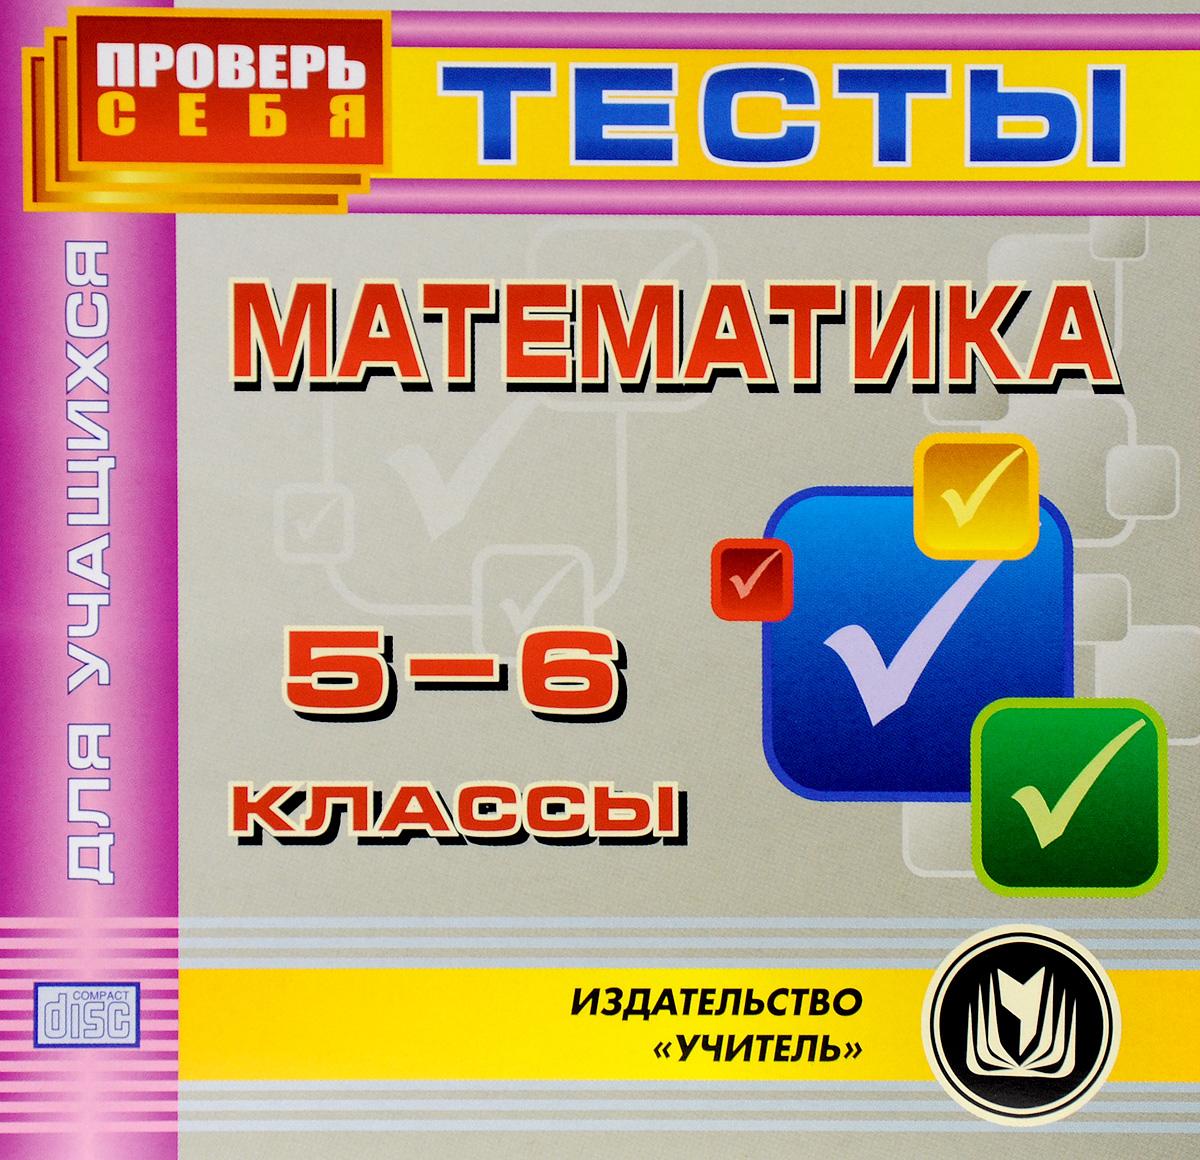 Математика 5-6 классы. Тесты для учащихся